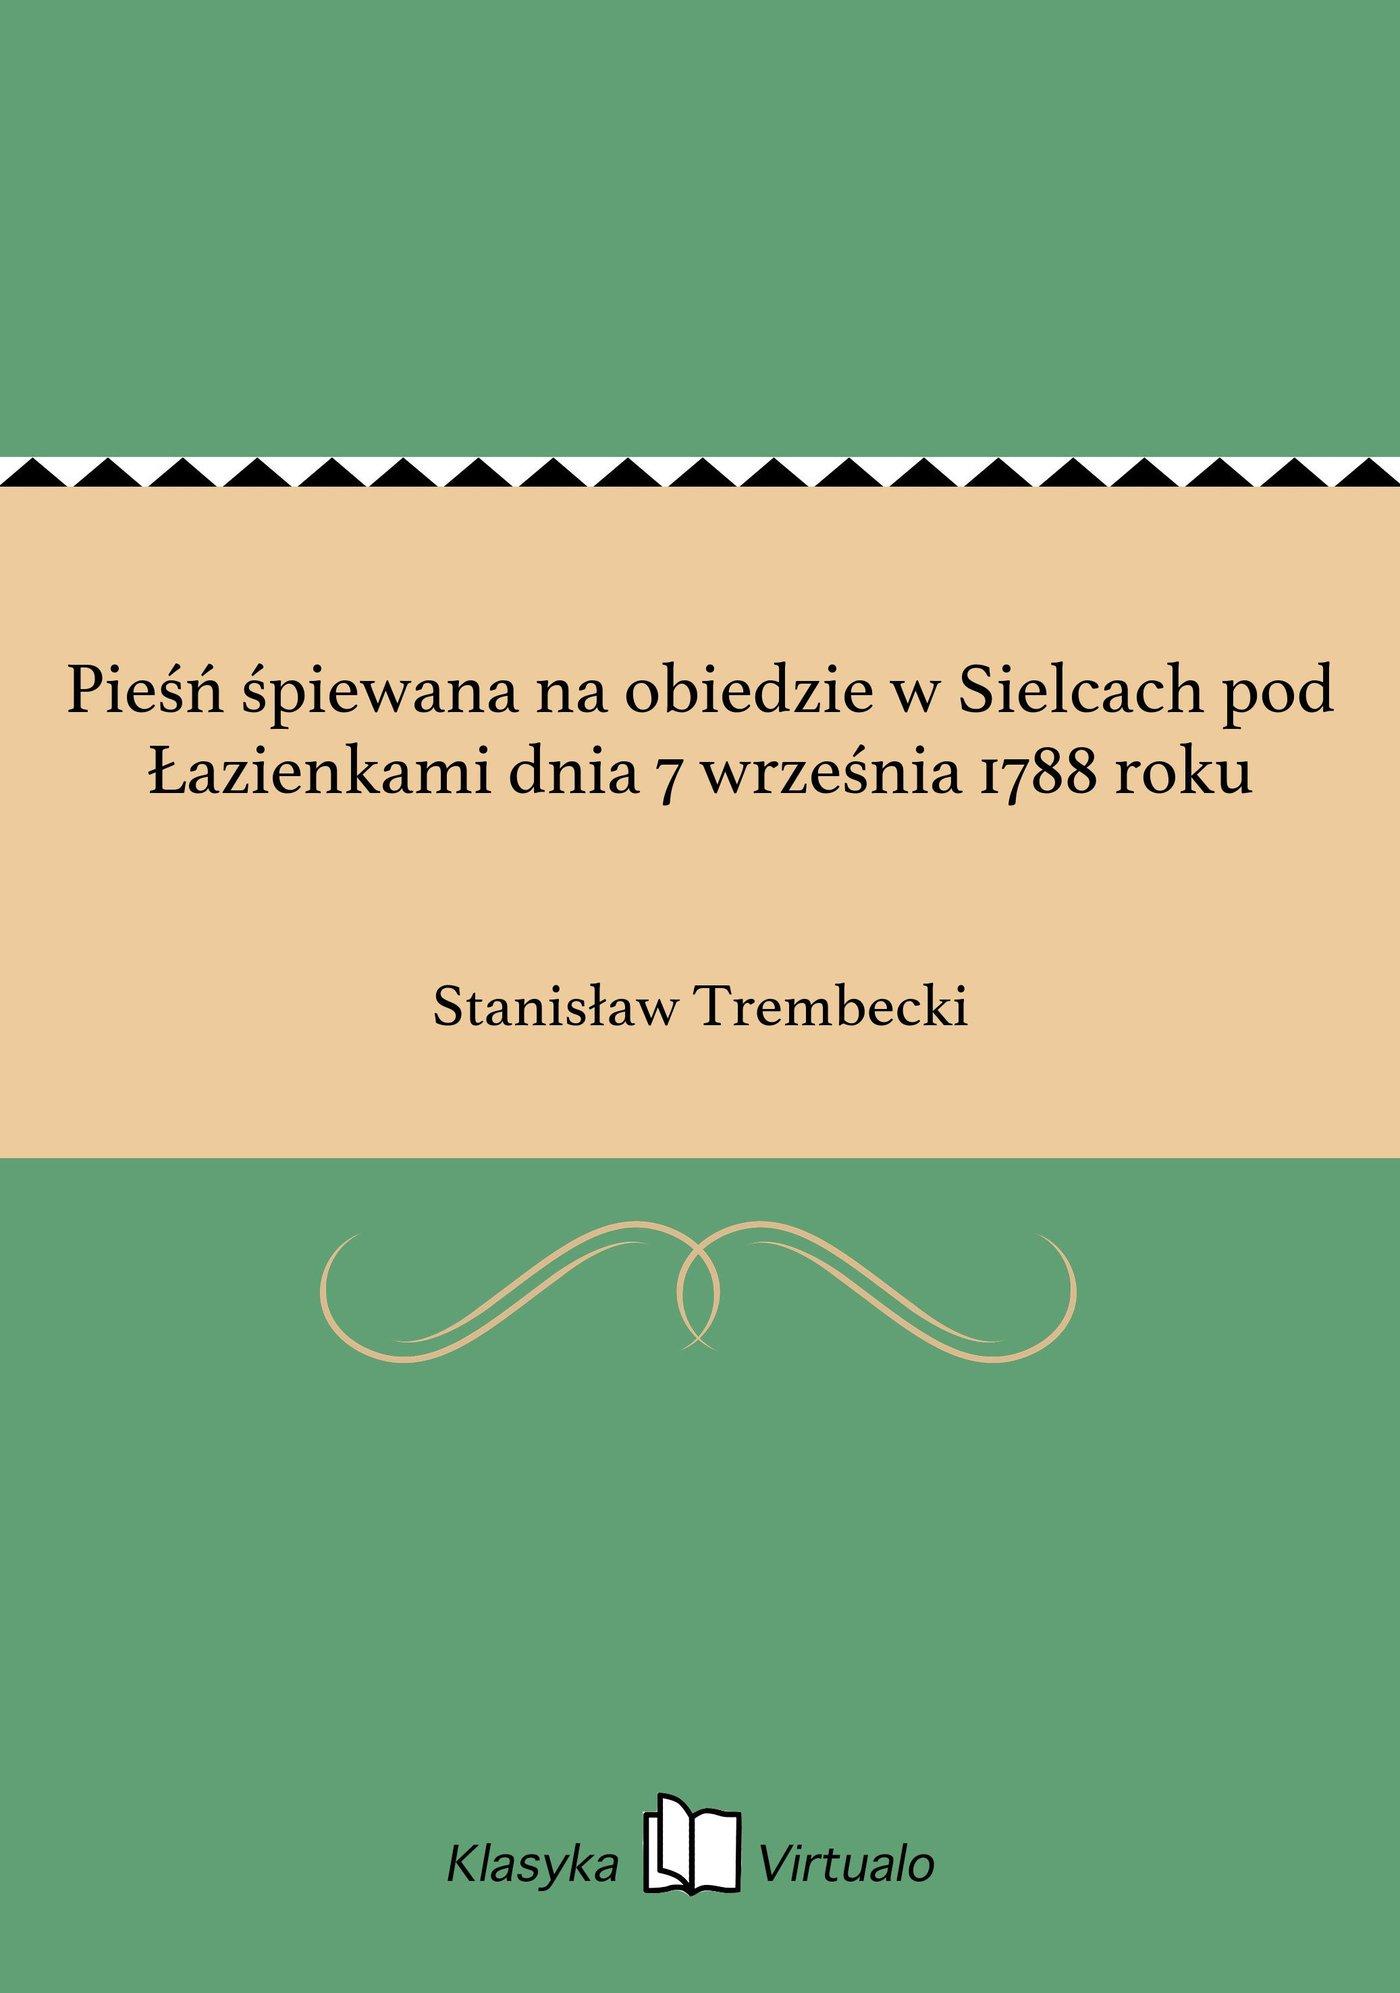 Pieśń śpiewana na obiedzie w Sielcach pod Łazienkami dnia 7 września 1788 roku - Ebook (Książka na Kindle) do pobrania w formacie MOBI